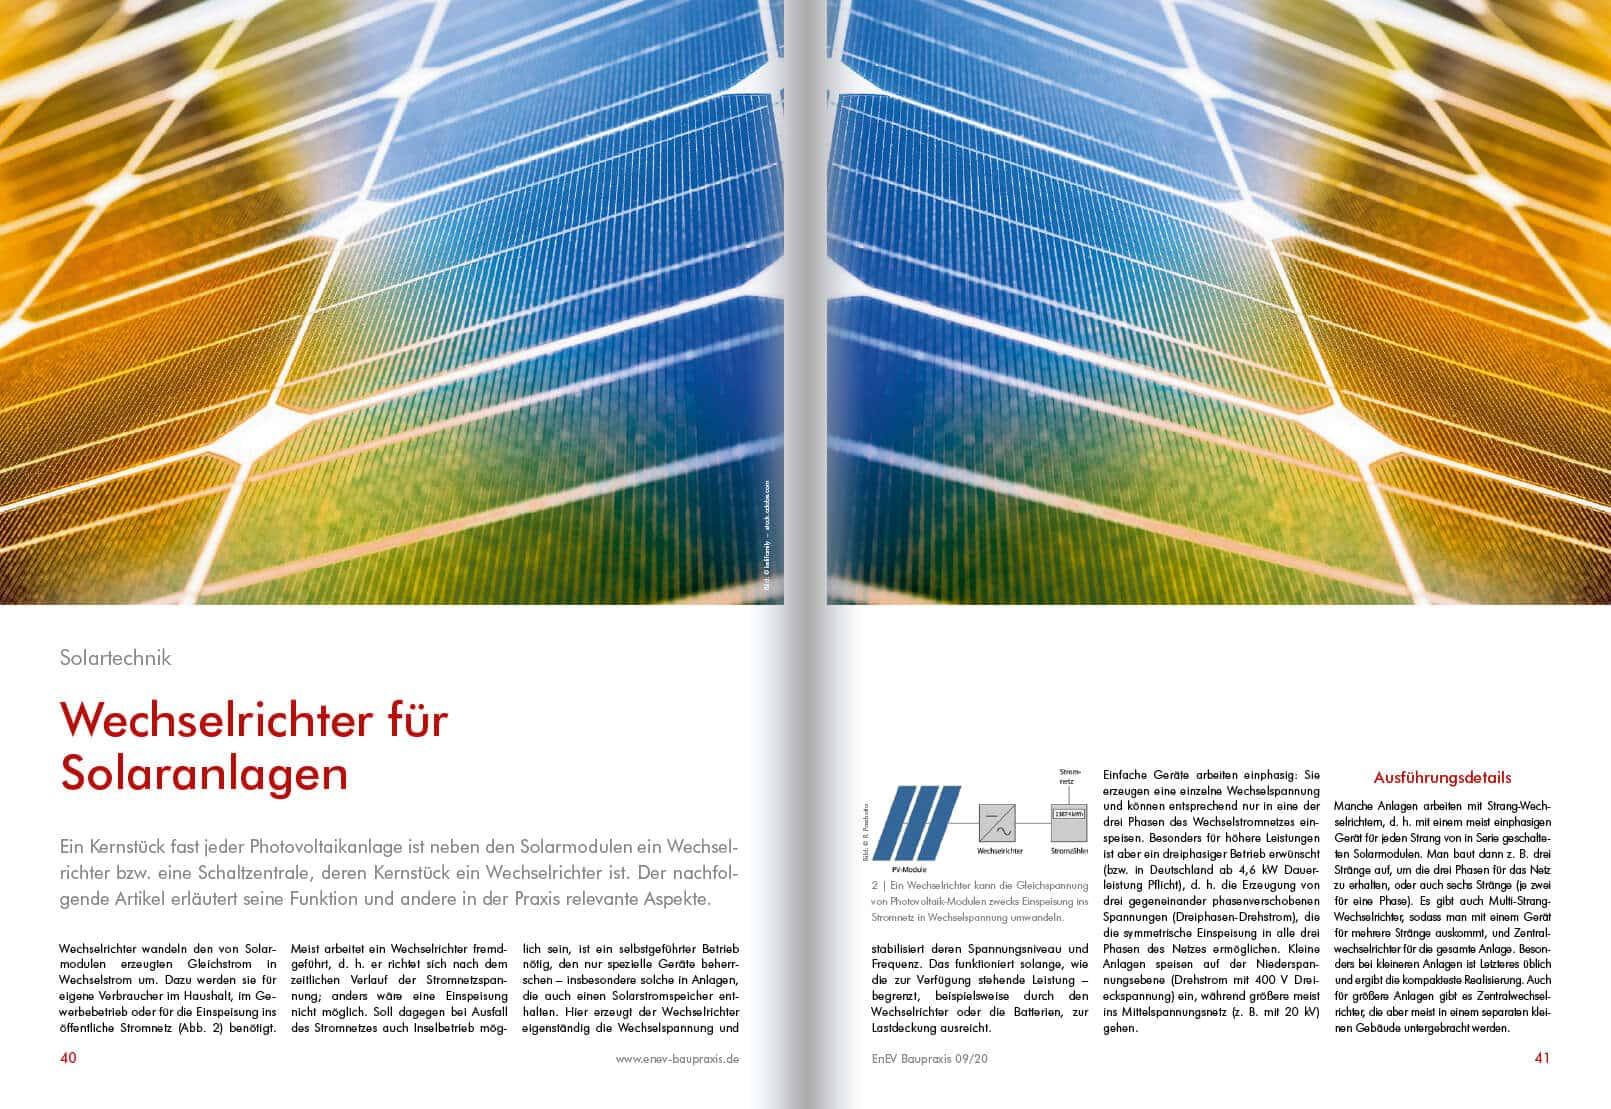 2020-09 Wechselrichter Solaranlagen 1